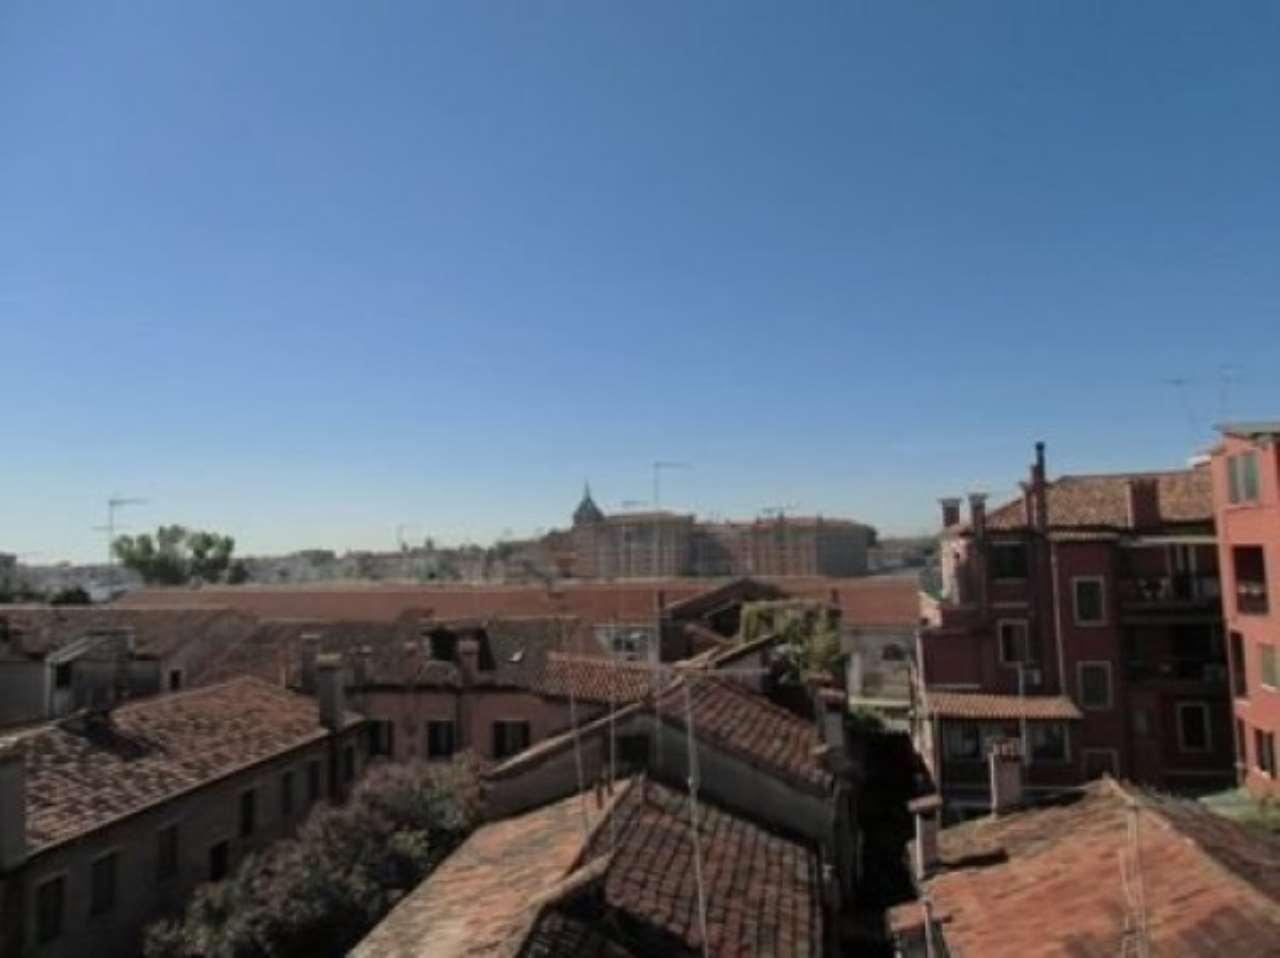 Appartamento in vendita a Venezia, 3 locali, zona Zona: 6 . Dorsoduro, prezzo € 480.000 | Cambio Casa.it